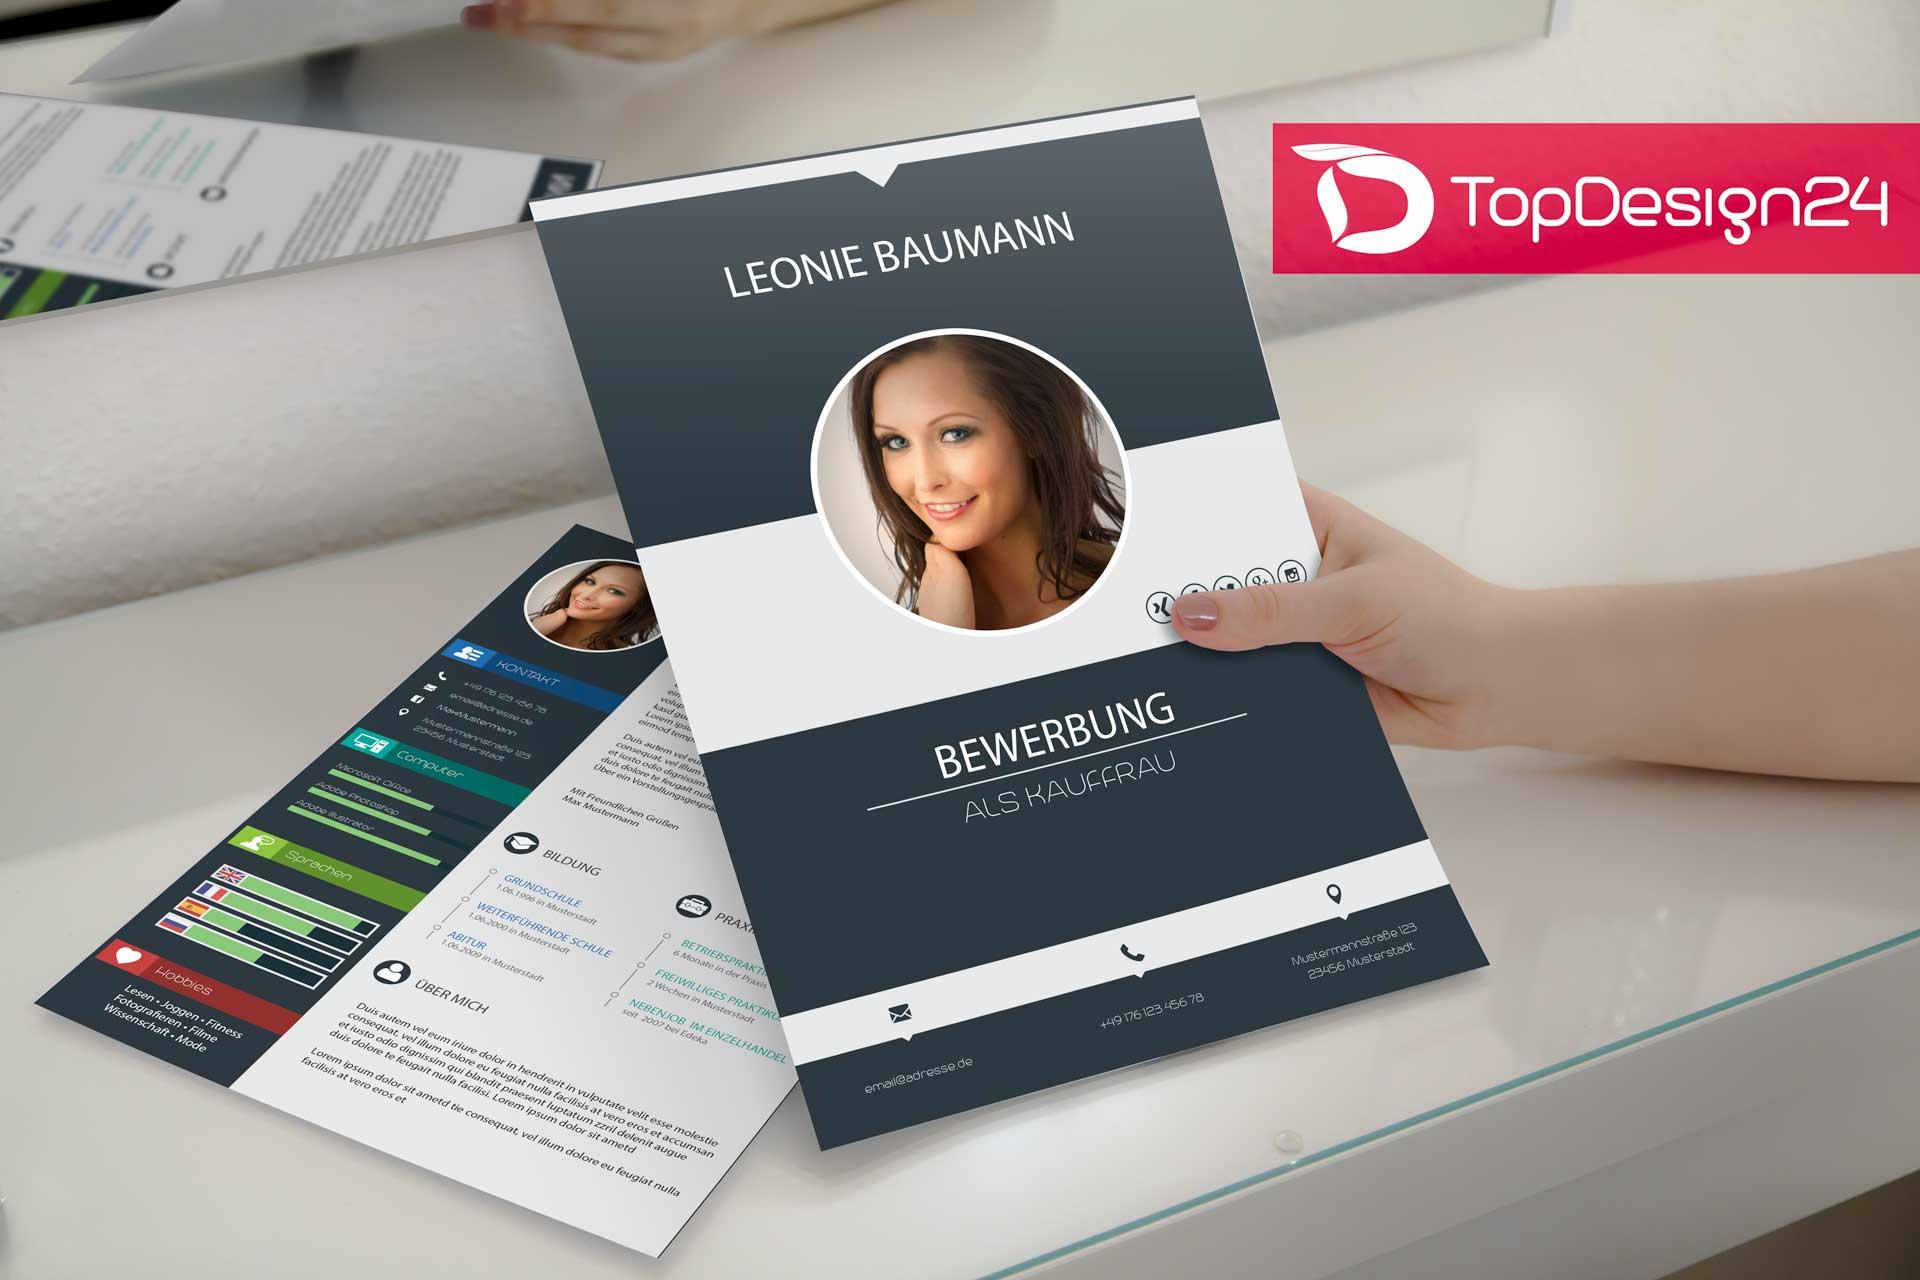 Design Bewerbung Kreativ - TopDesign24, Deckblatt, Lebens